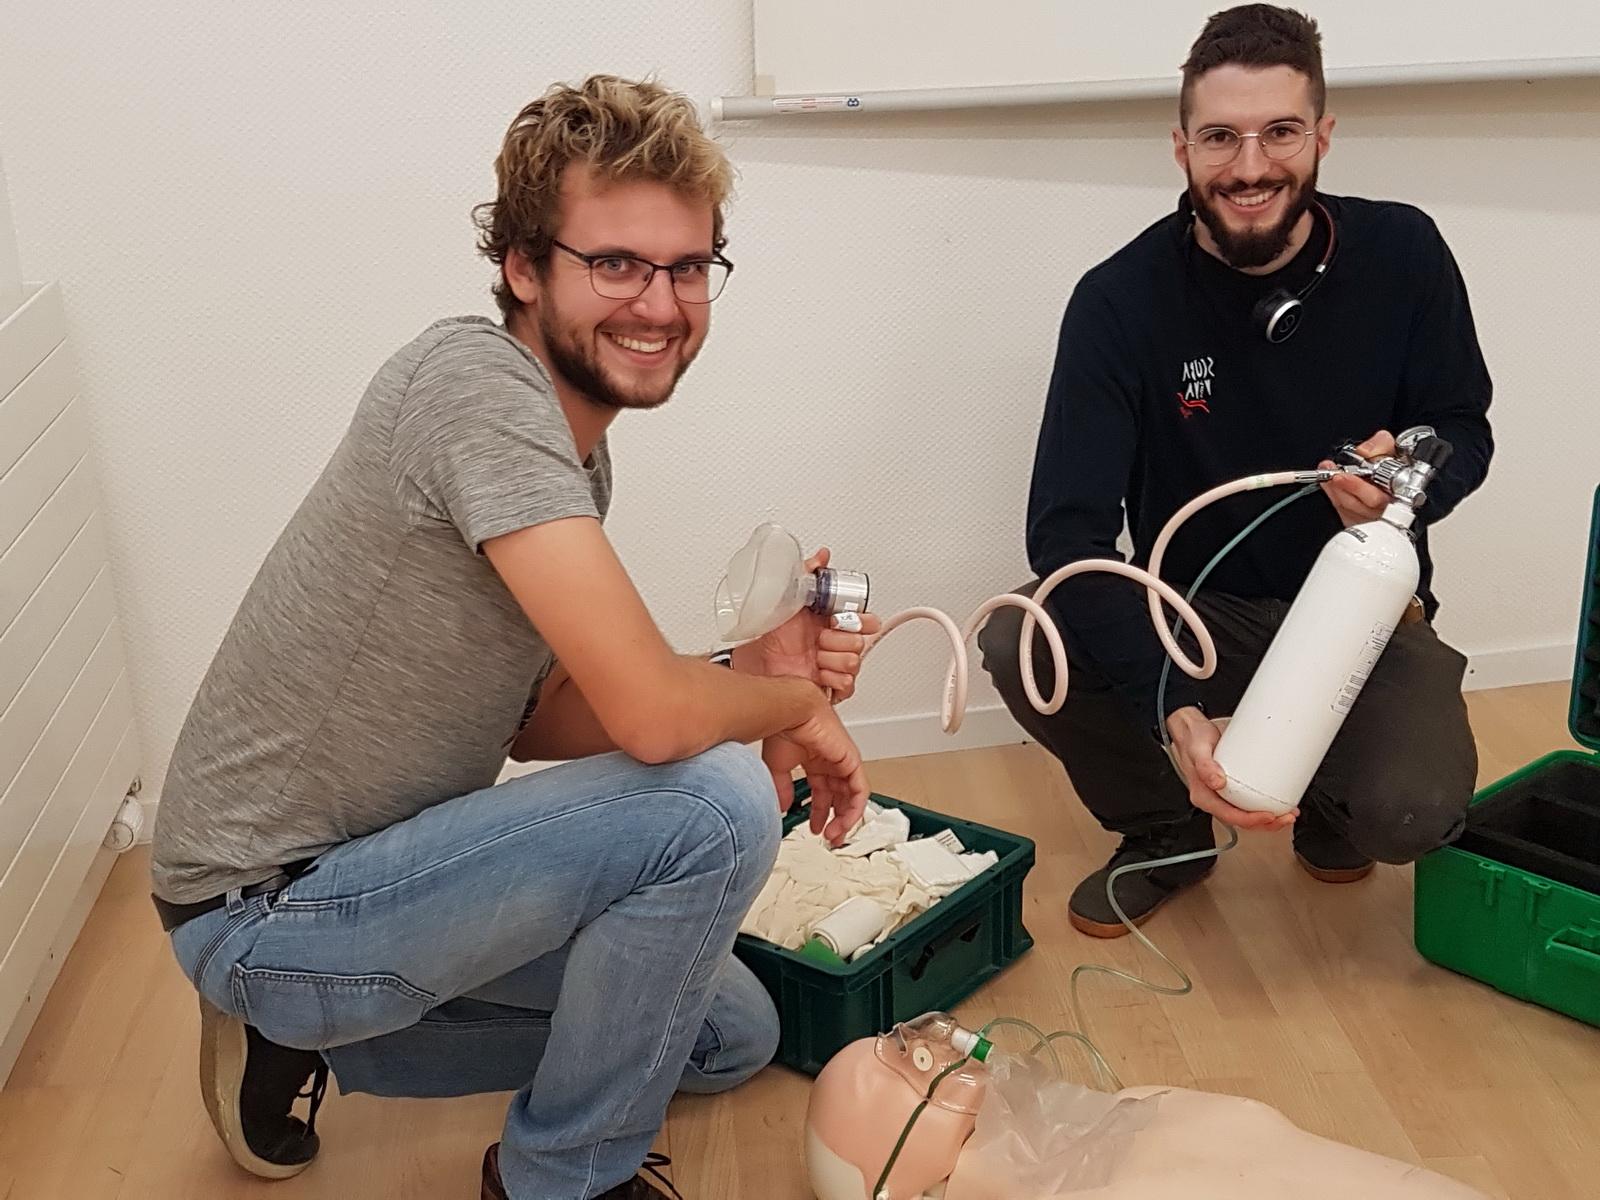 Sauerstoffbehandlung Training im Oxygen Provider